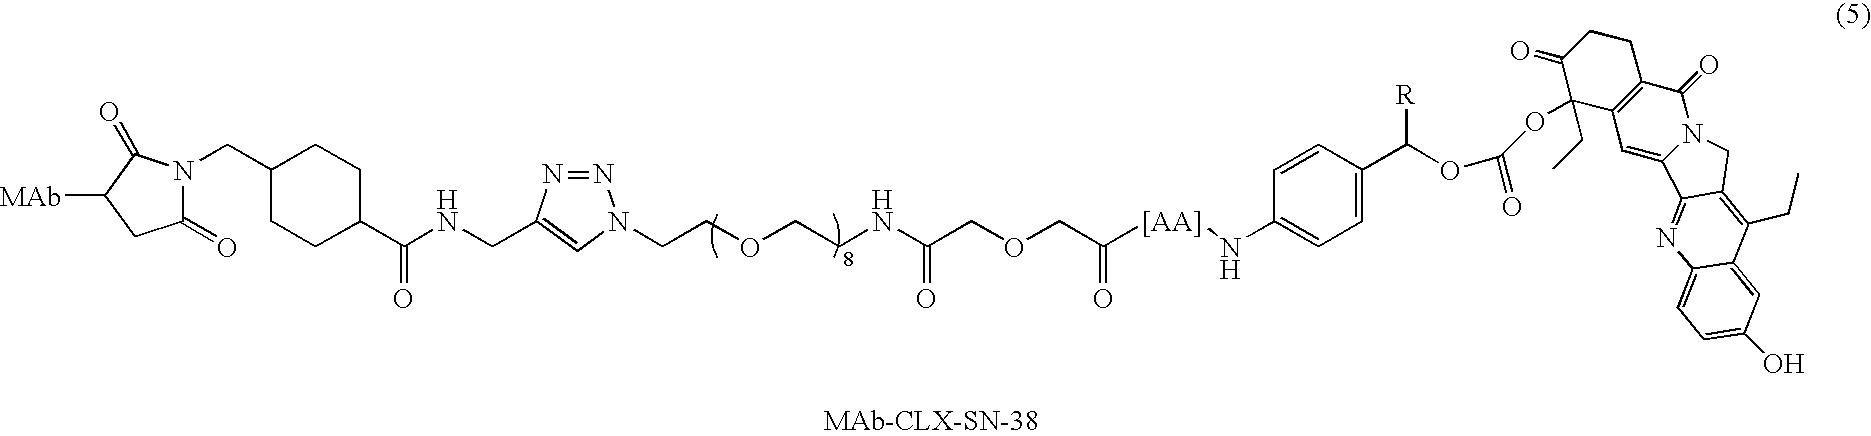 Figure US20100104589A1-20100429-C00004